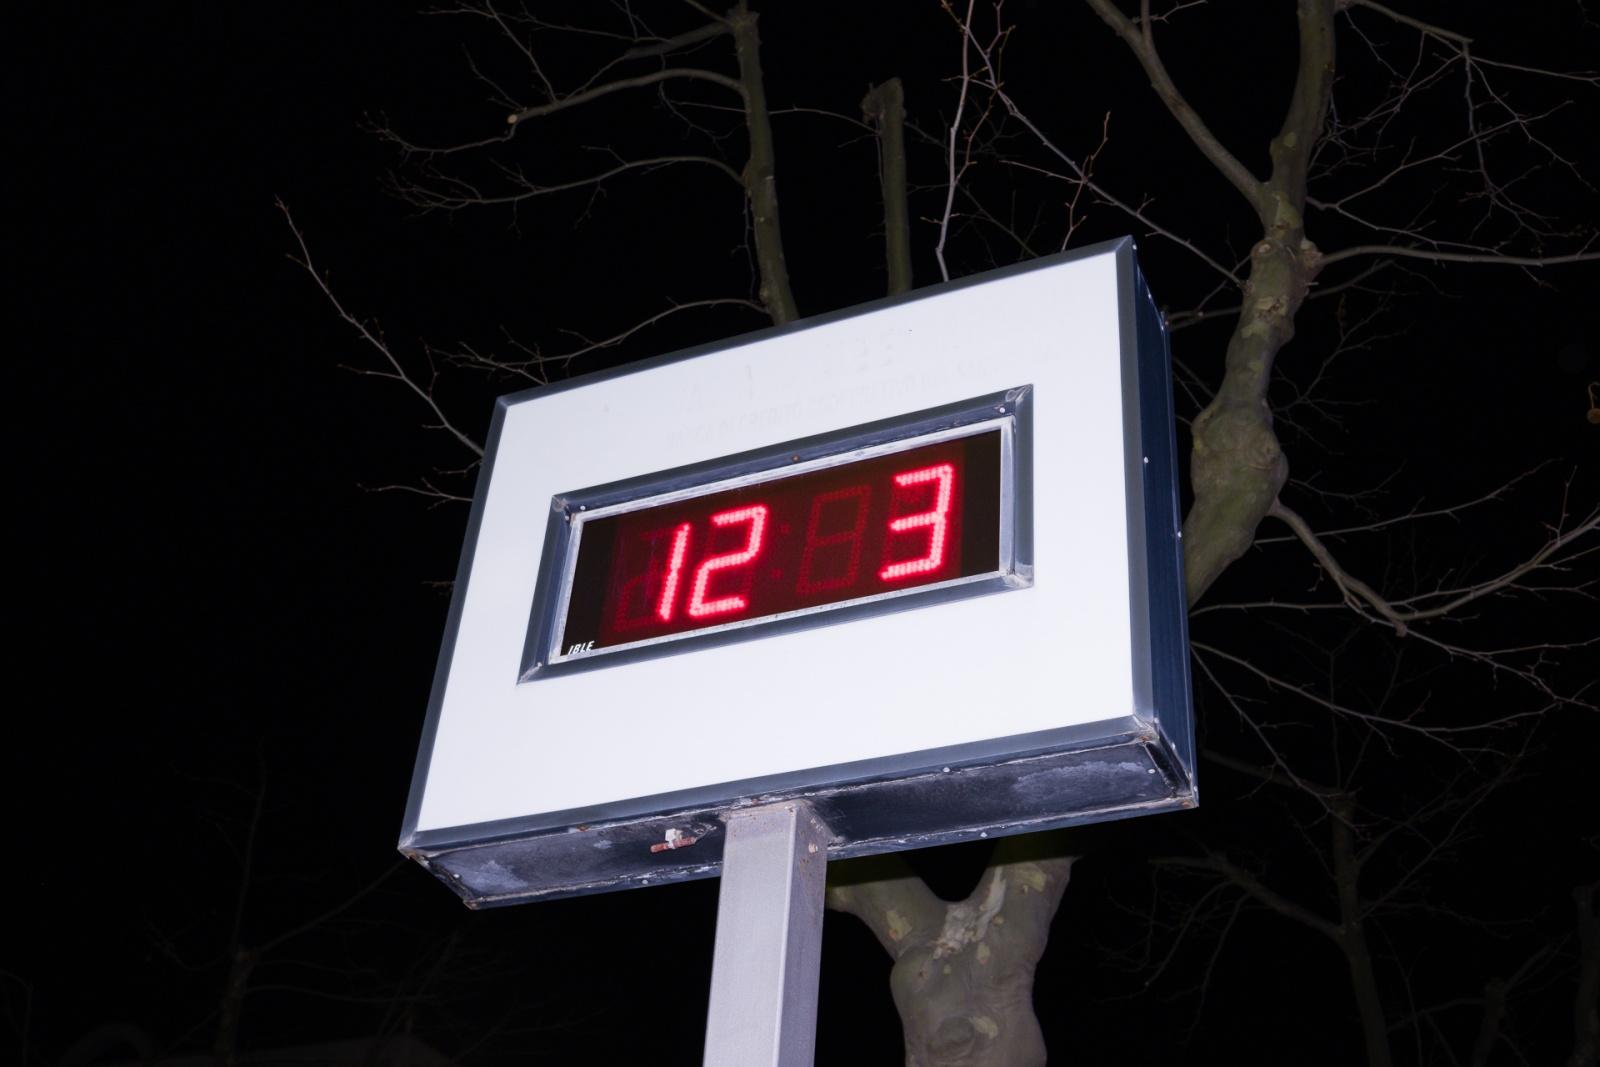 L'ora d'aria, Paduli BN, marzo 2020. © Salvatore Picciuto.